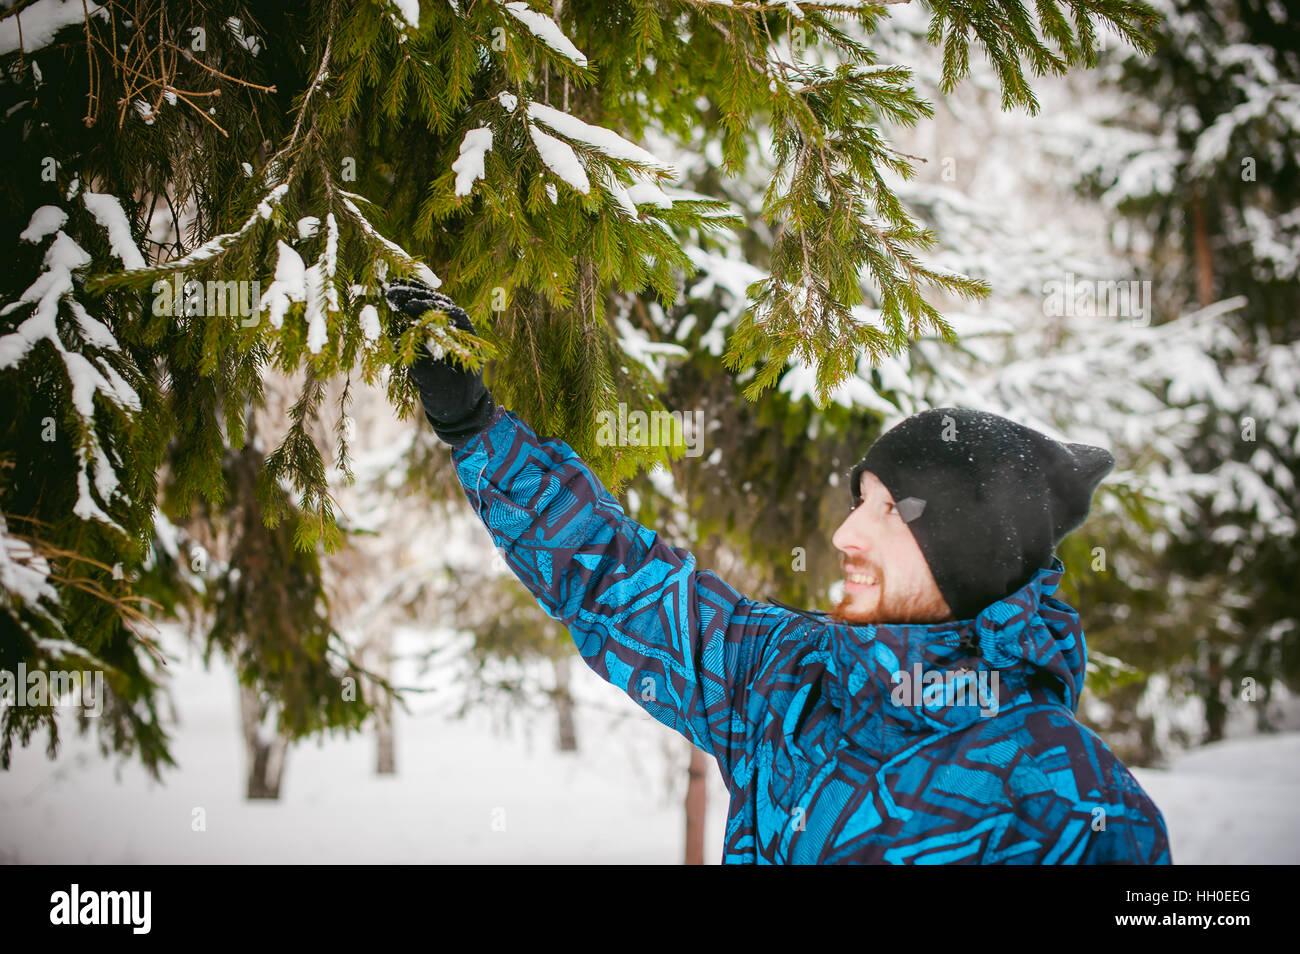 Los hombres caminan en Winter Park. chico con buen humor y sonrisa, ropa de abrigo, paseos al aire libre Imagen De Stock